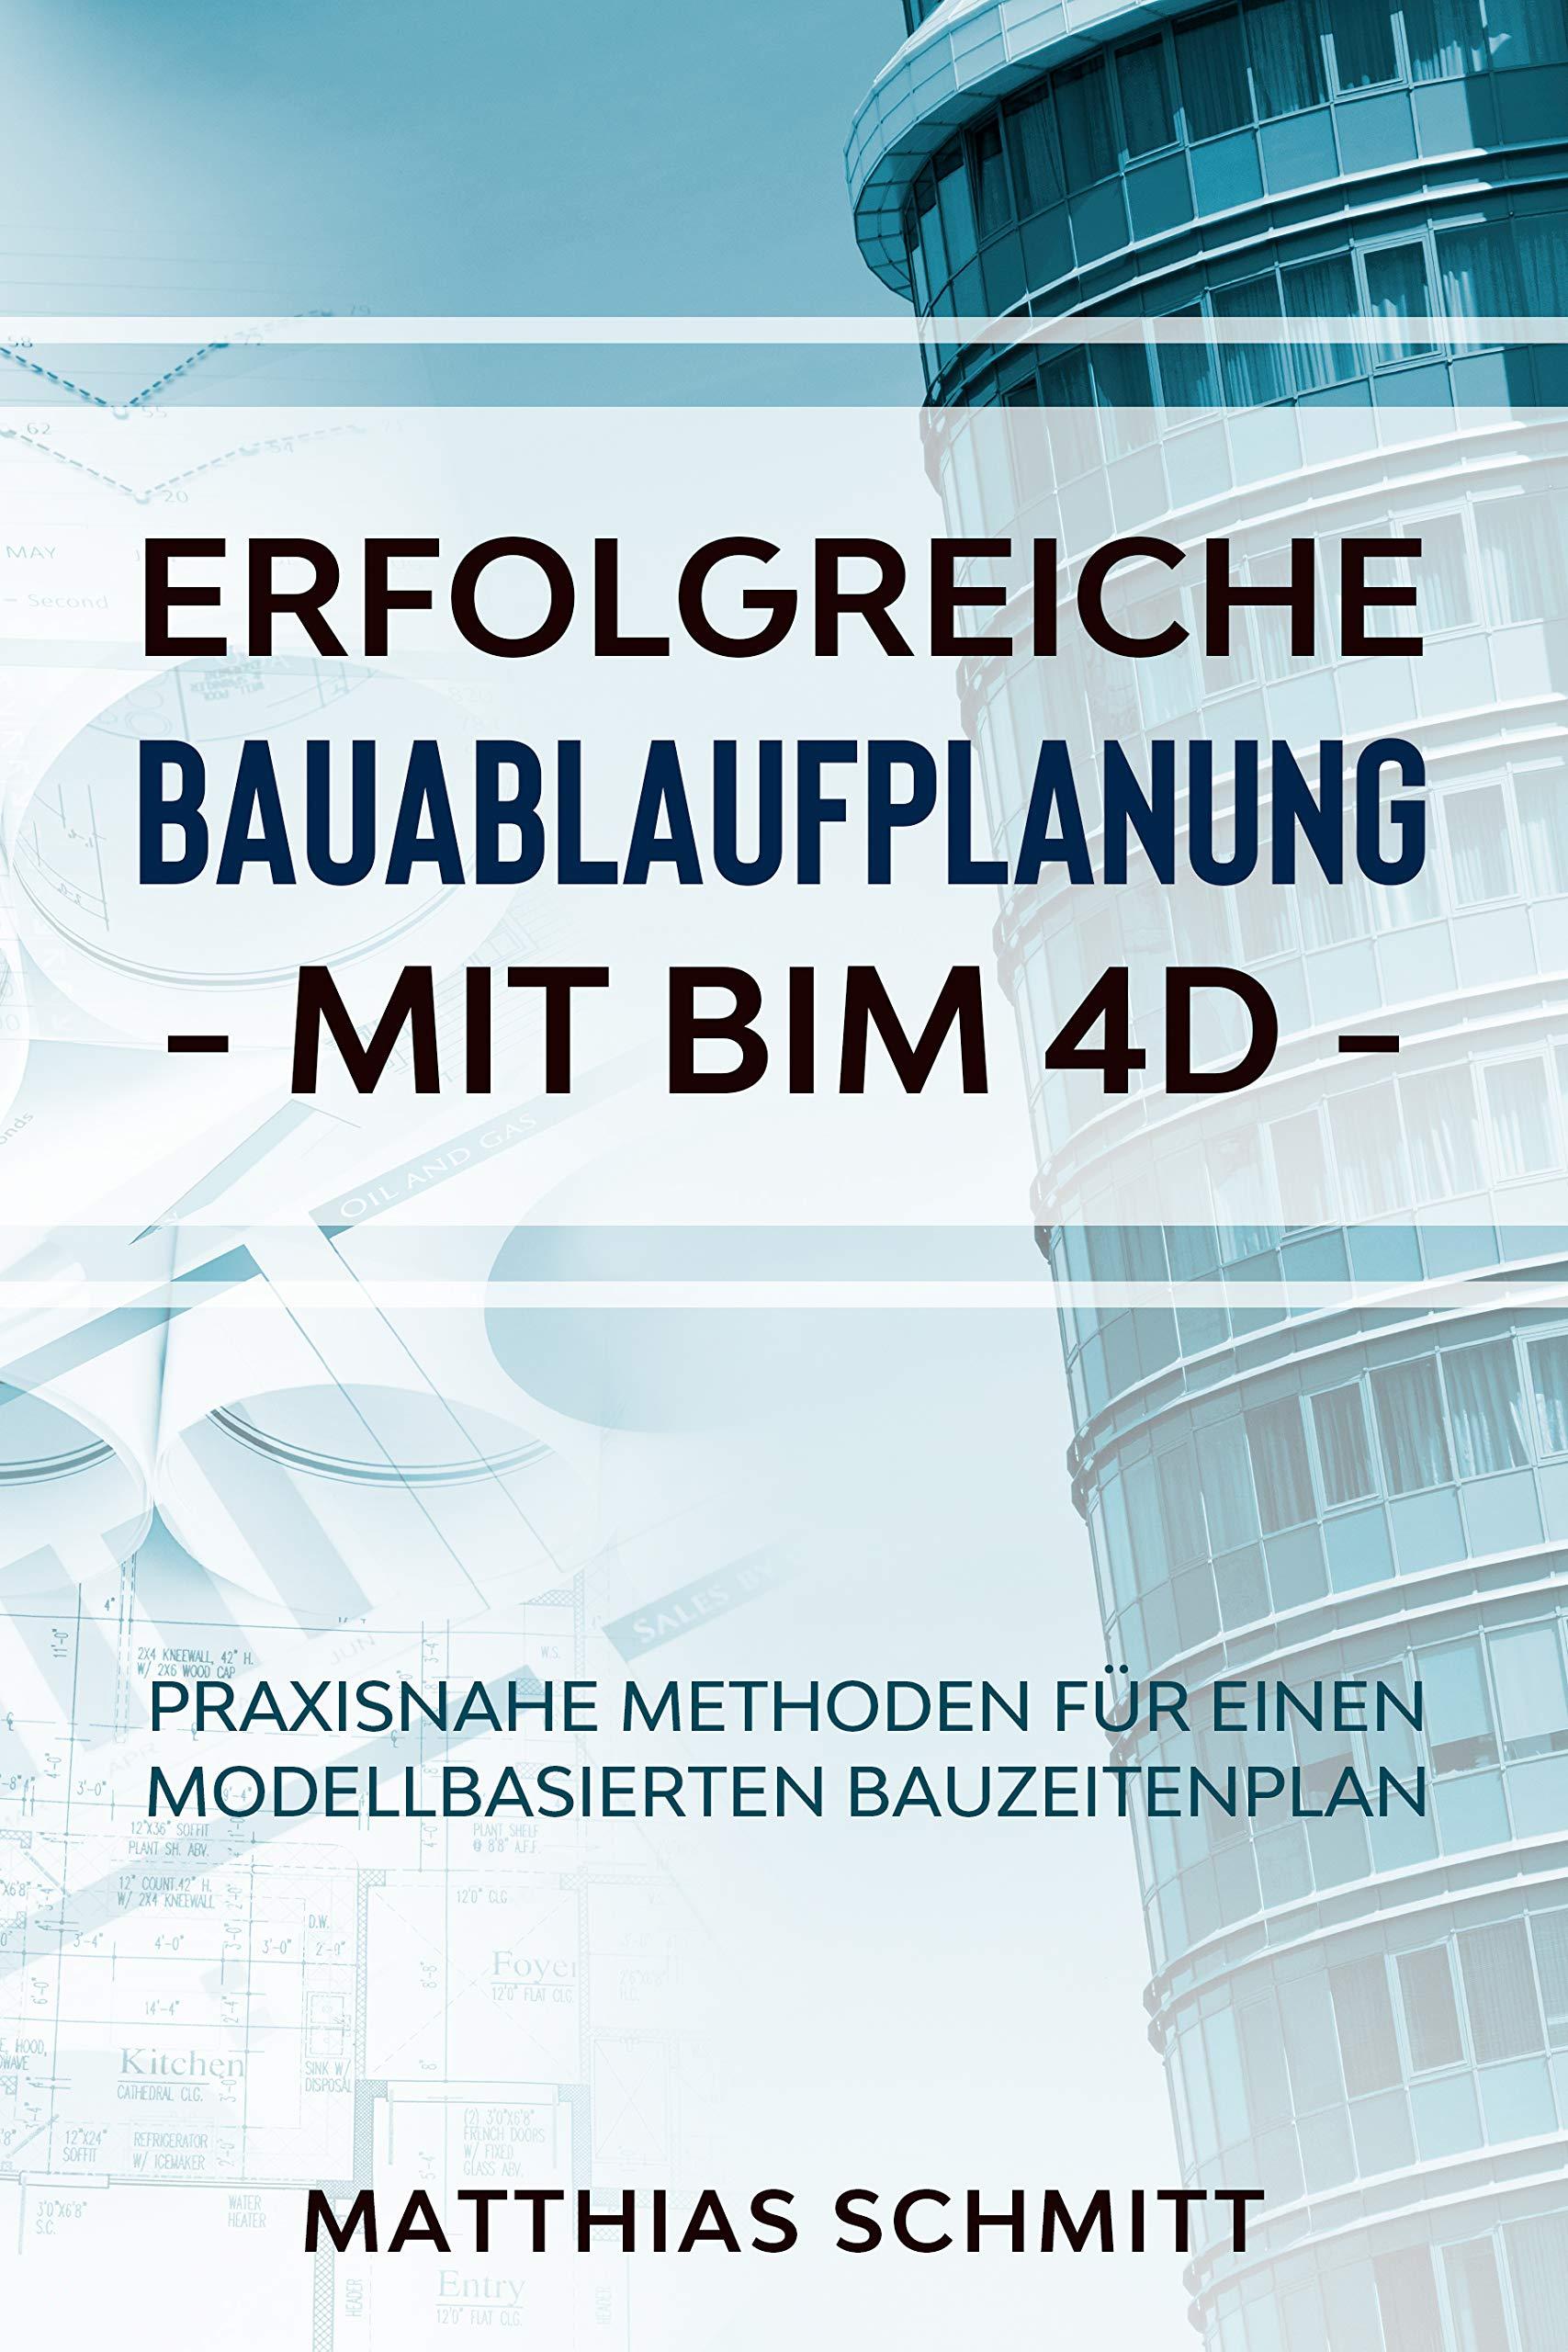 Erfolgreiche Bauablaufplanung mit BIM 4D: Praxisnahe Methoden für einen modellbasierten Bauzeitenplan (German Edition)